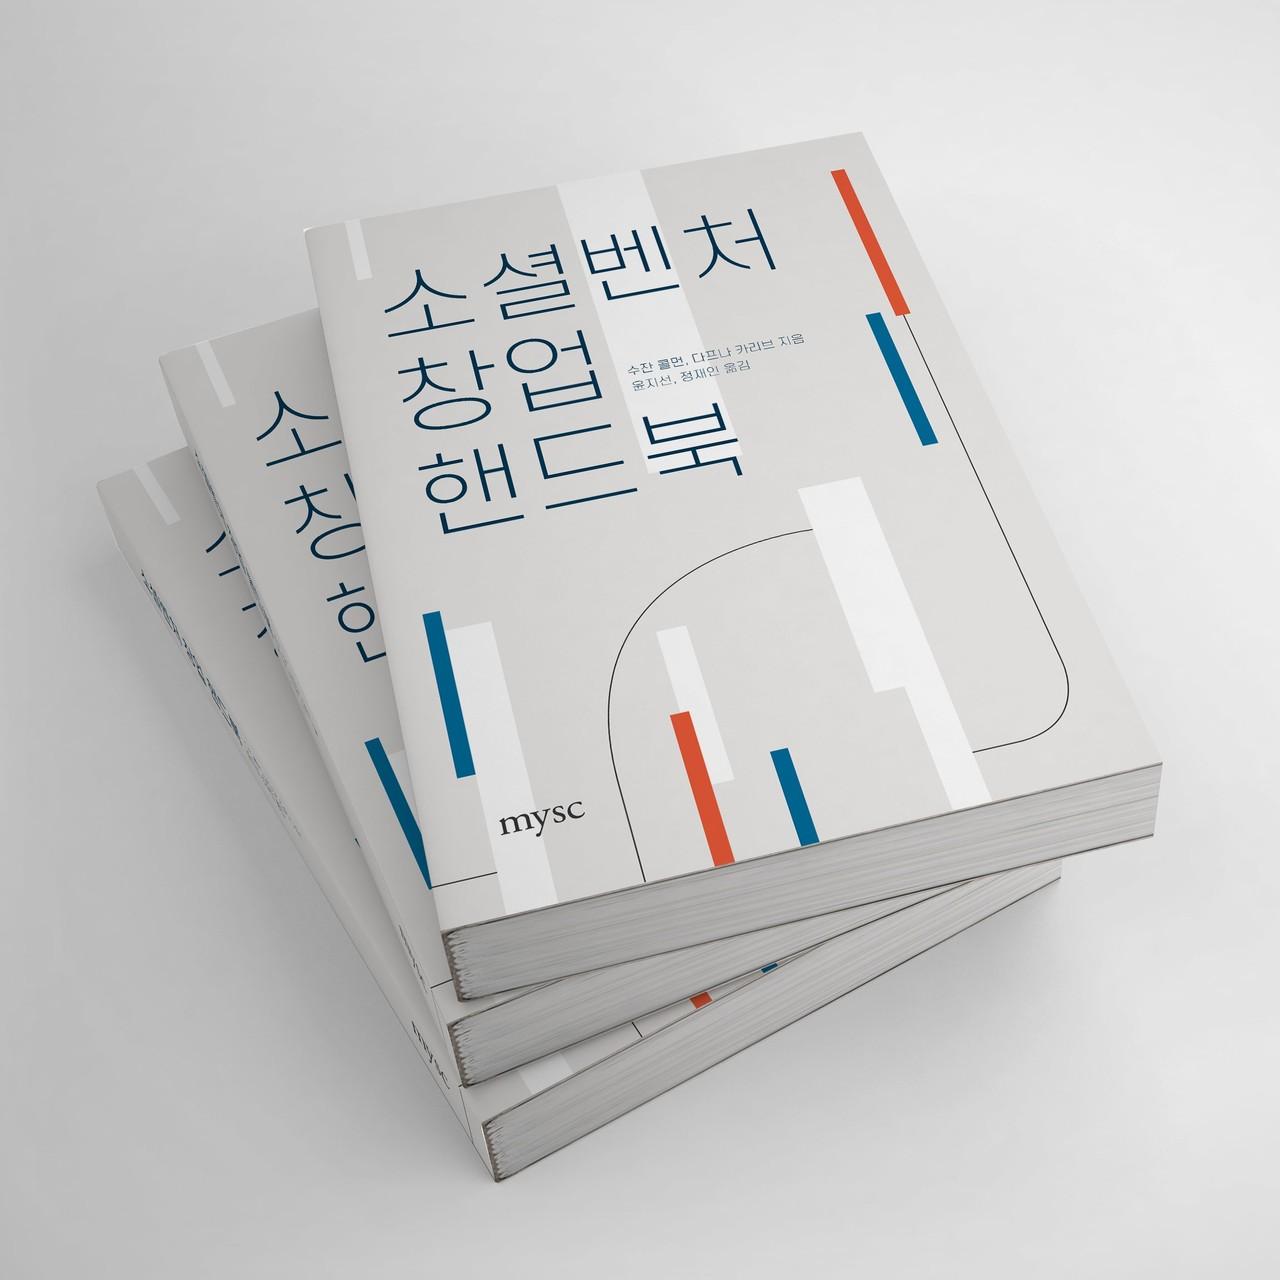 소셜벤처 창업 핸드북 디자인 시안 - mysc